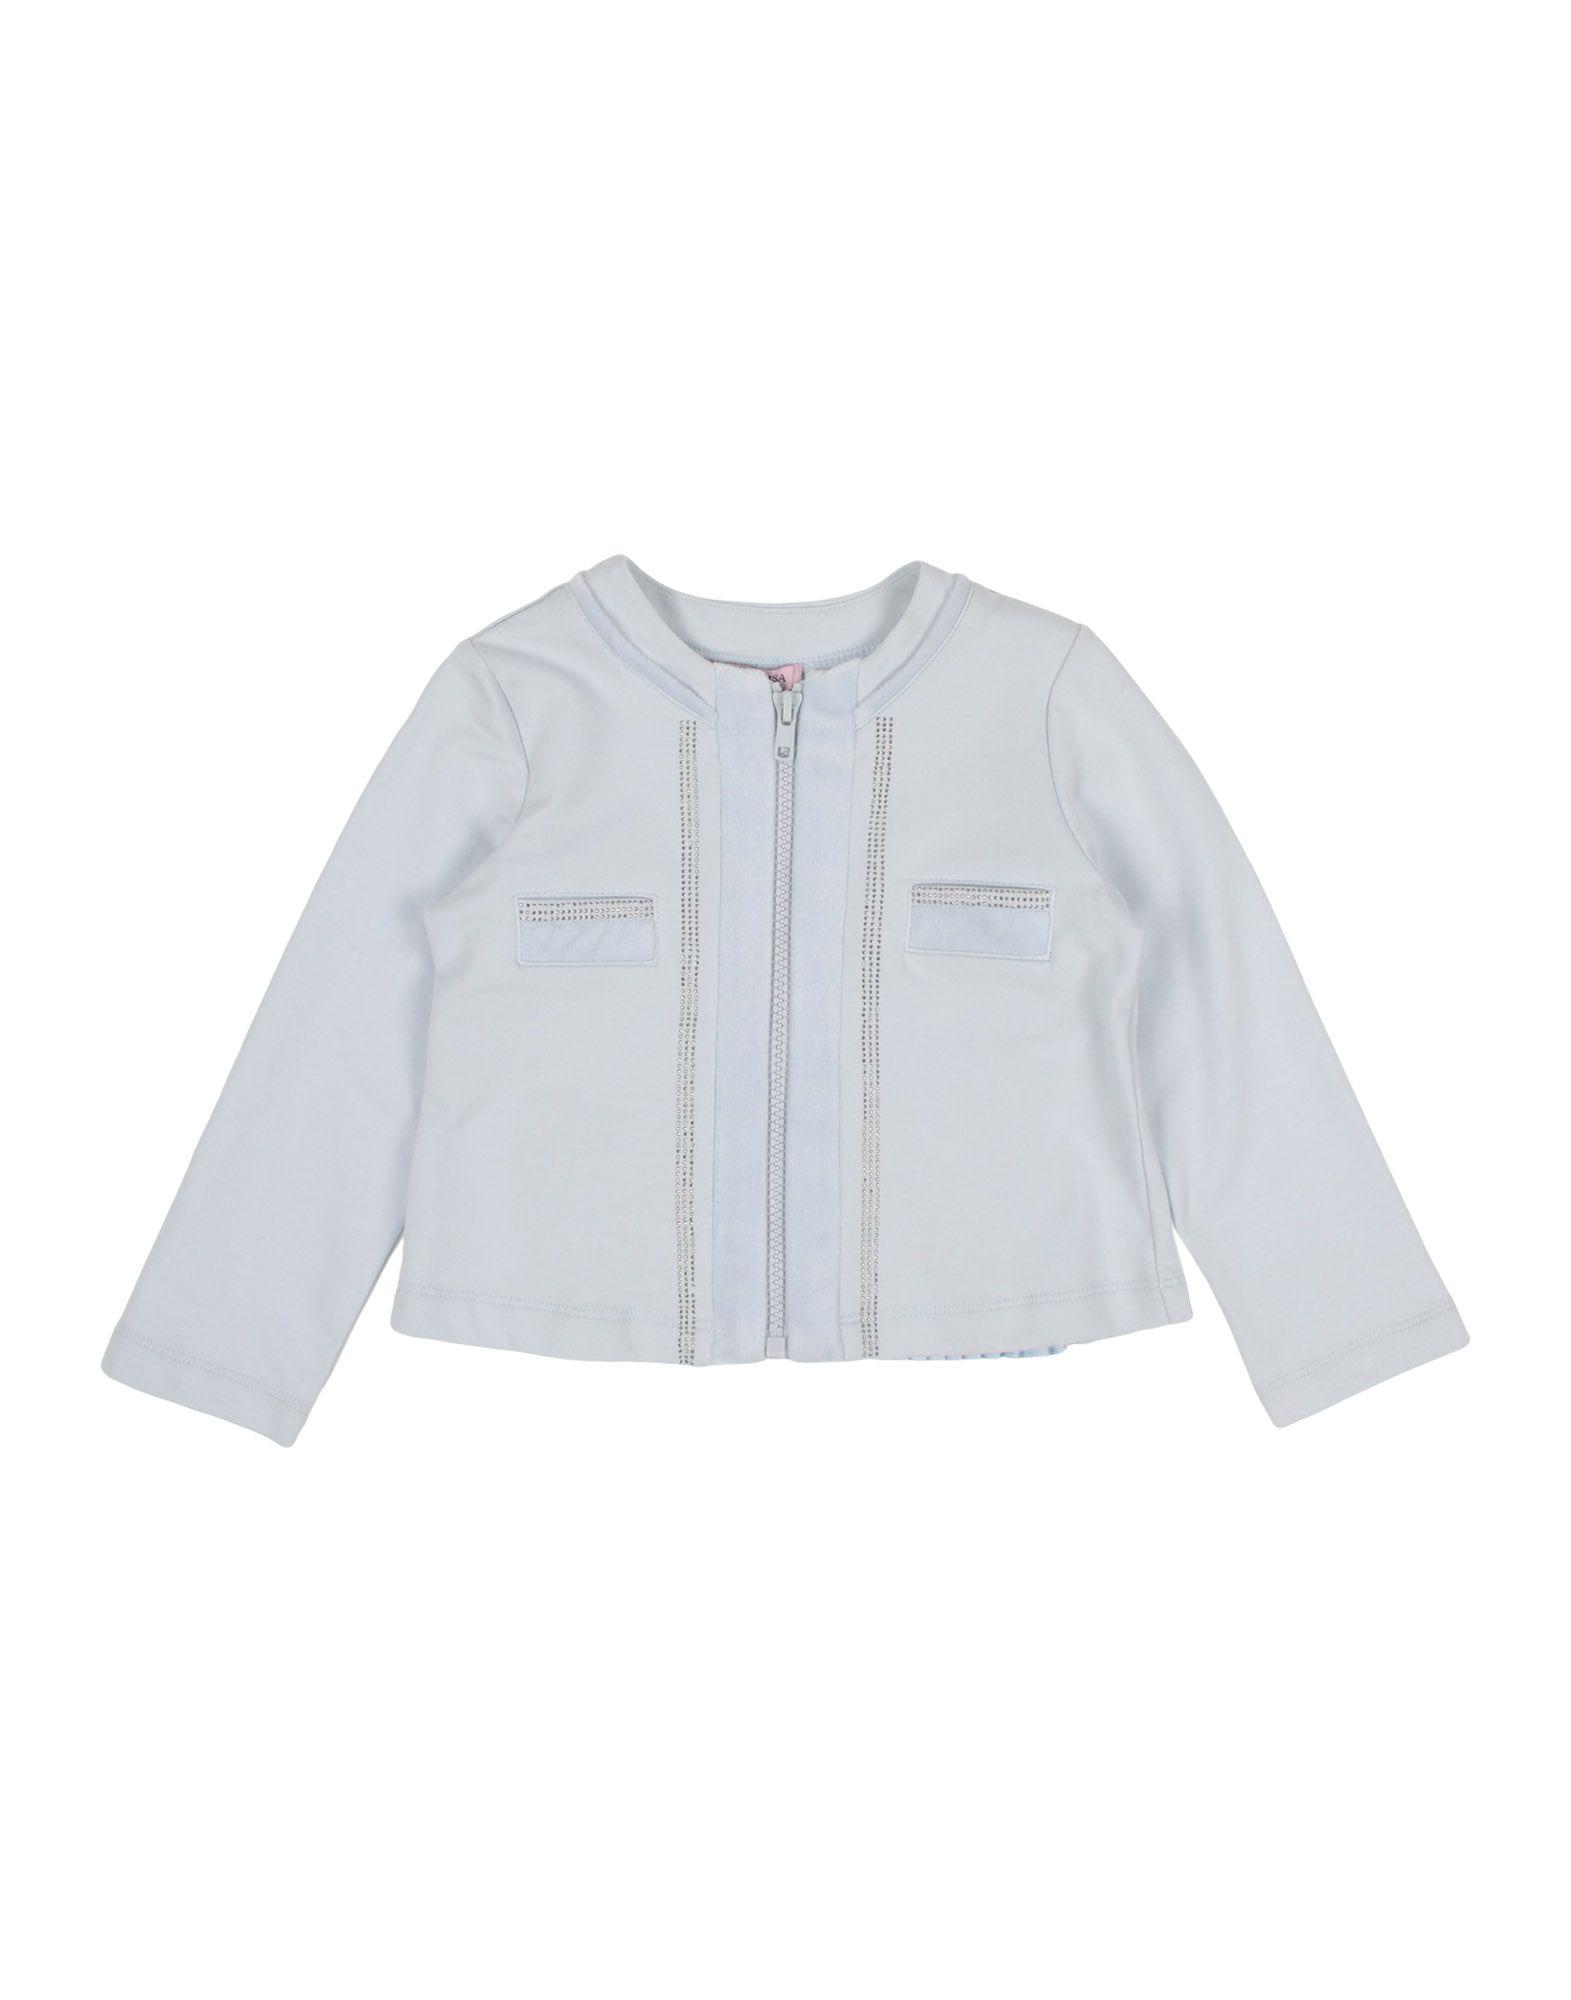 MONNALISA Sweatshirt in Sky Blue